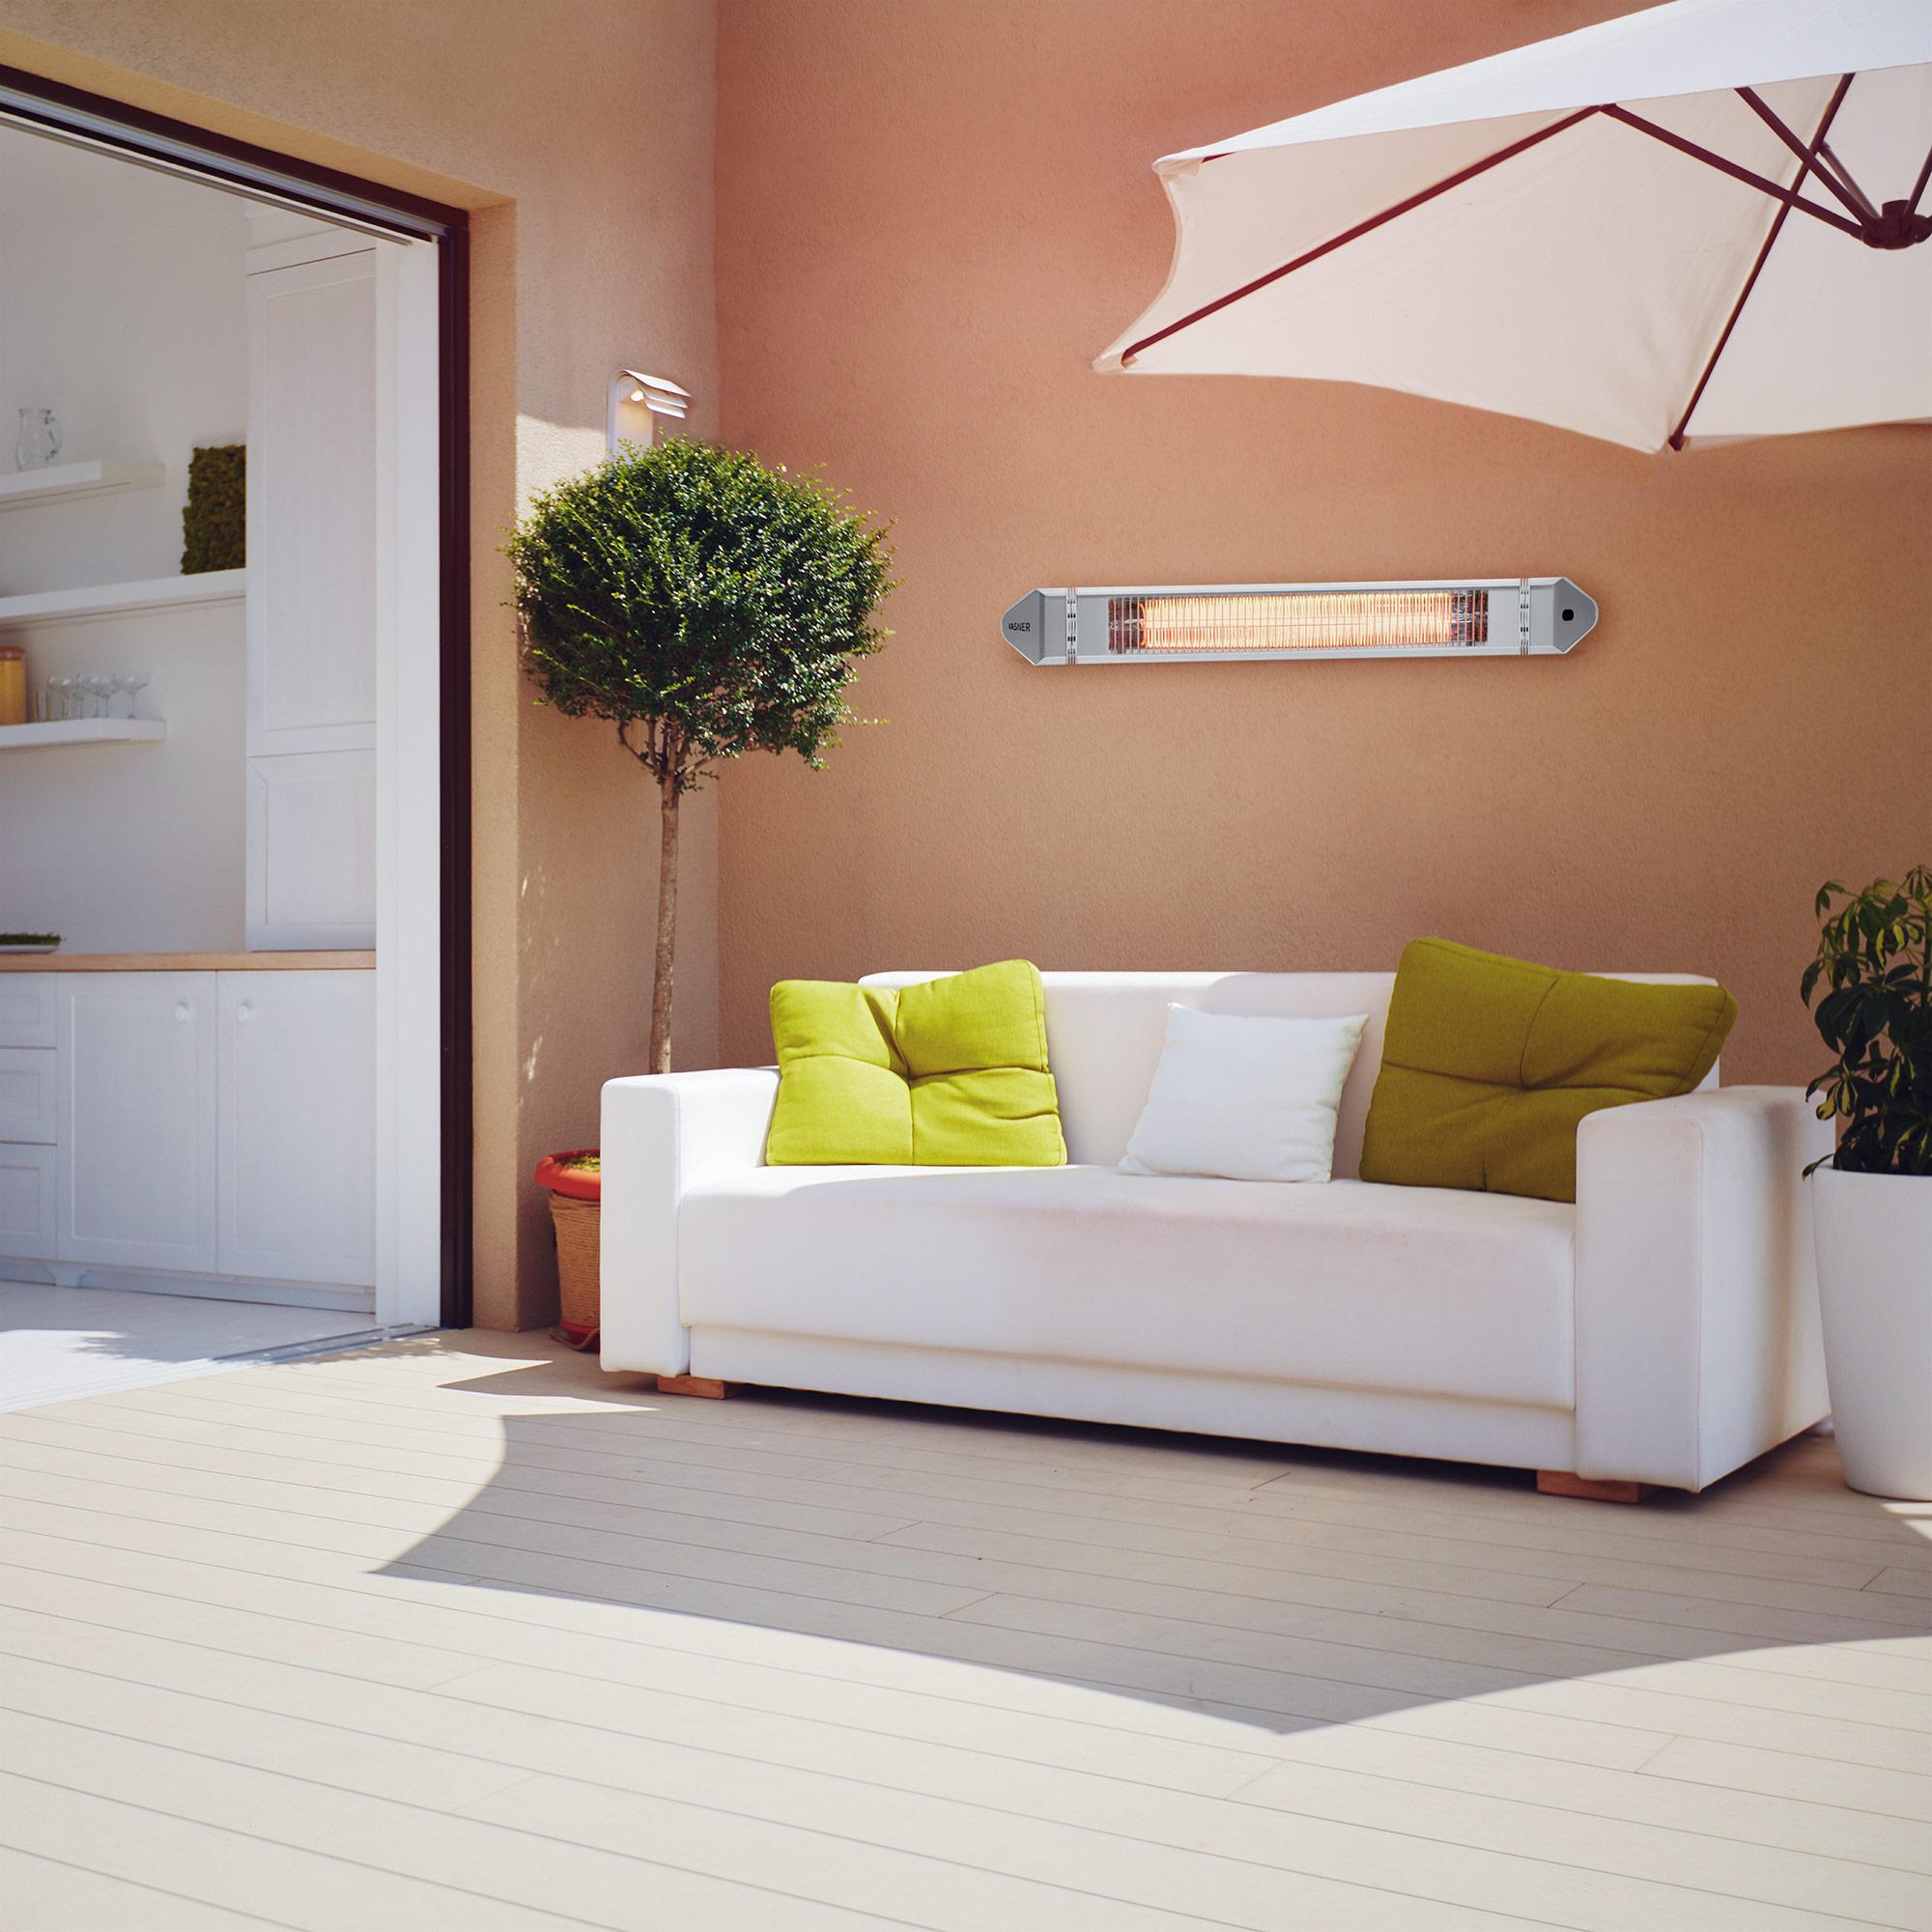 Heizung für Terrasse, Garten, Balkon